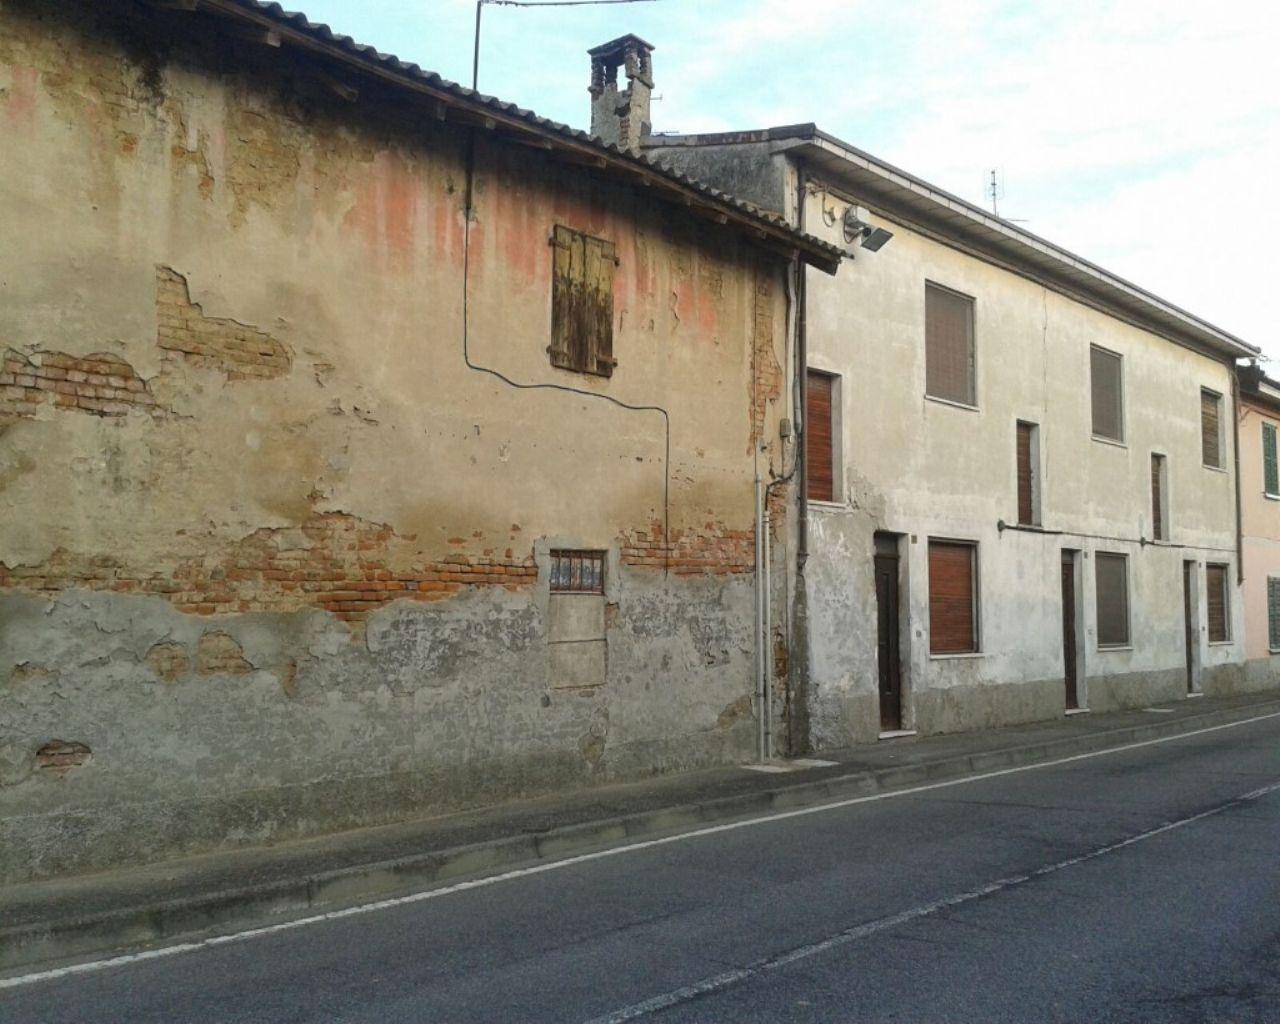 Soluzione Indipendente in vendita a Somaglia, 6 locali, prezzo € 153.000 | CambioCasa.it